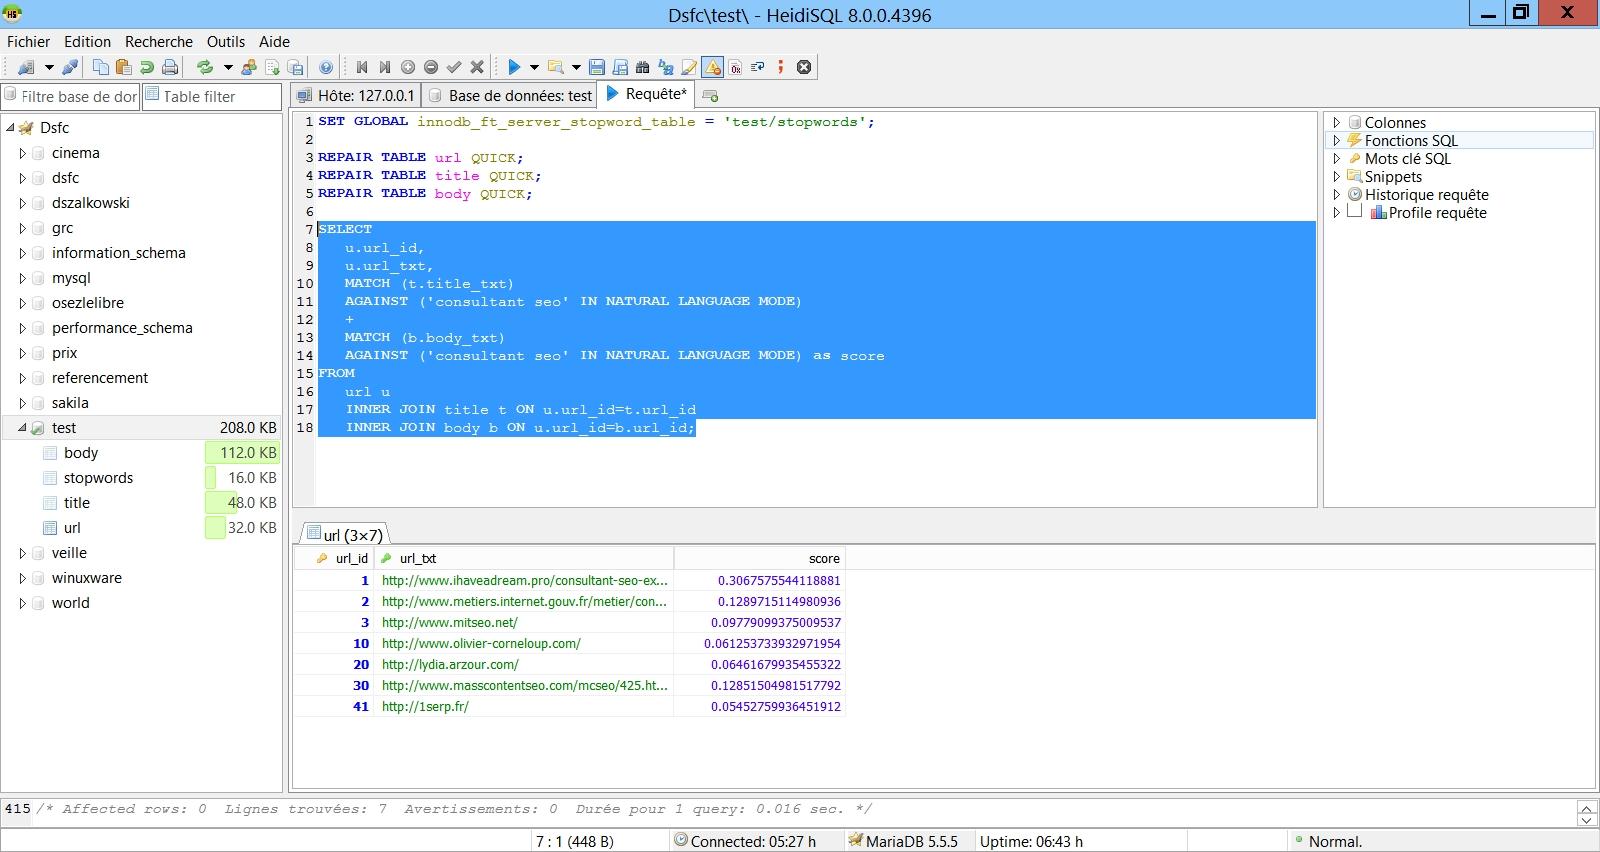 SEO : Google utilise les index FULL TEXT de MySQL... La preuve !